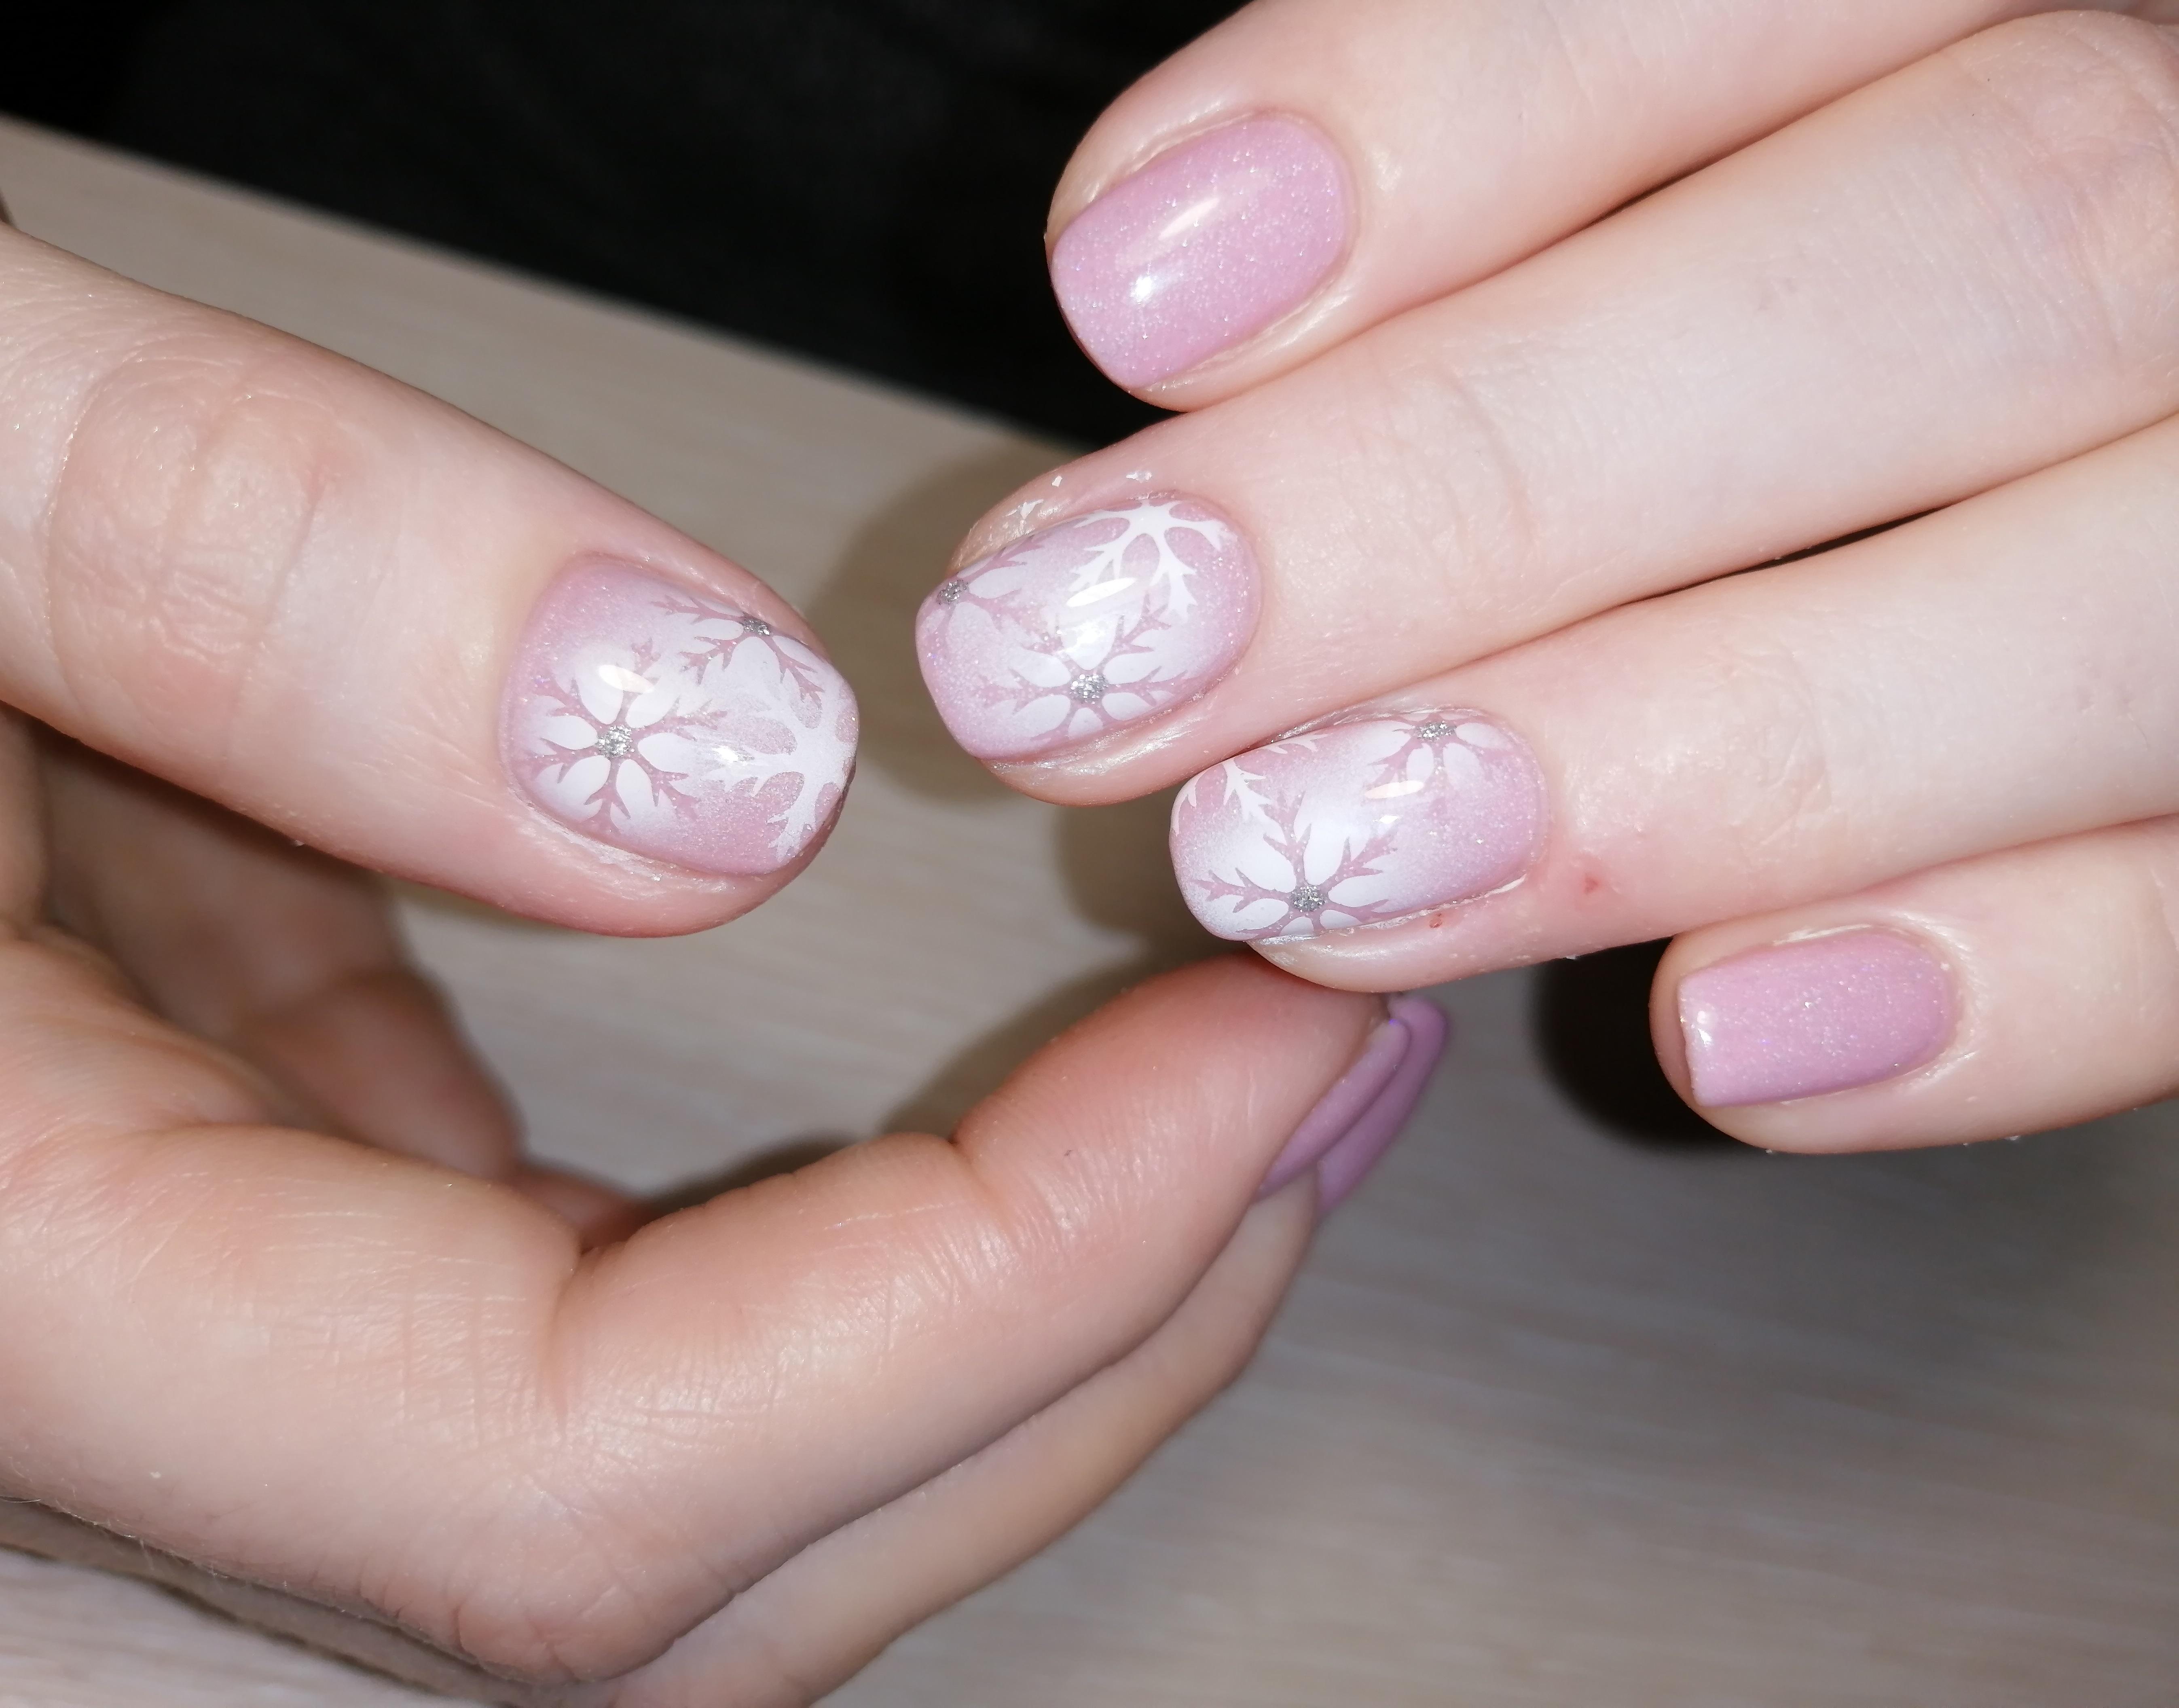 """Маникюр в нежном розовом цвете с аэрографичным дизайном """"снежинки""""."""